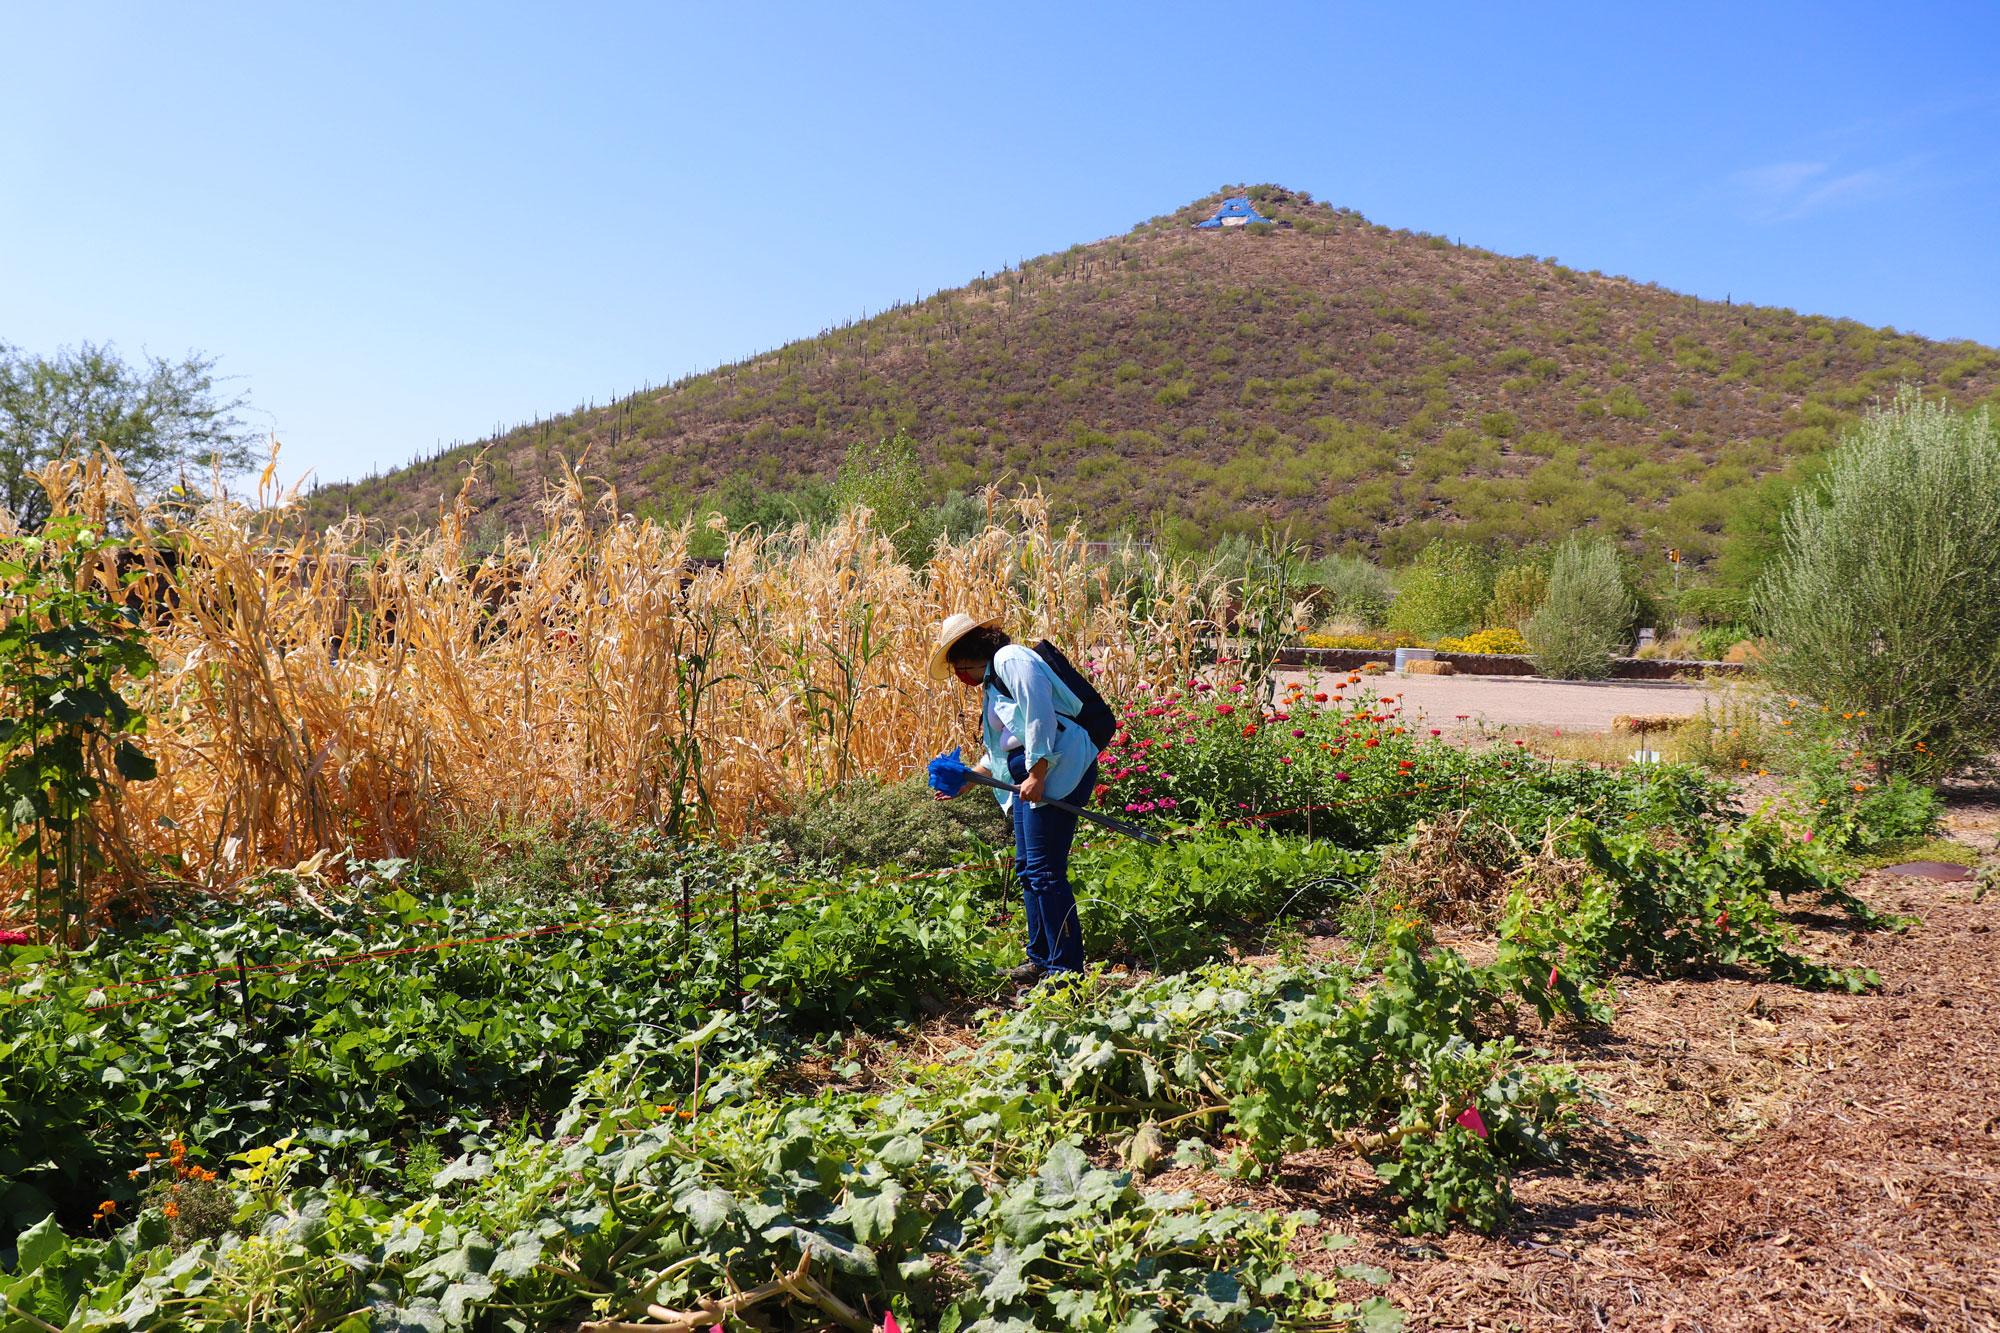 Sampling soil in the Mission Garden